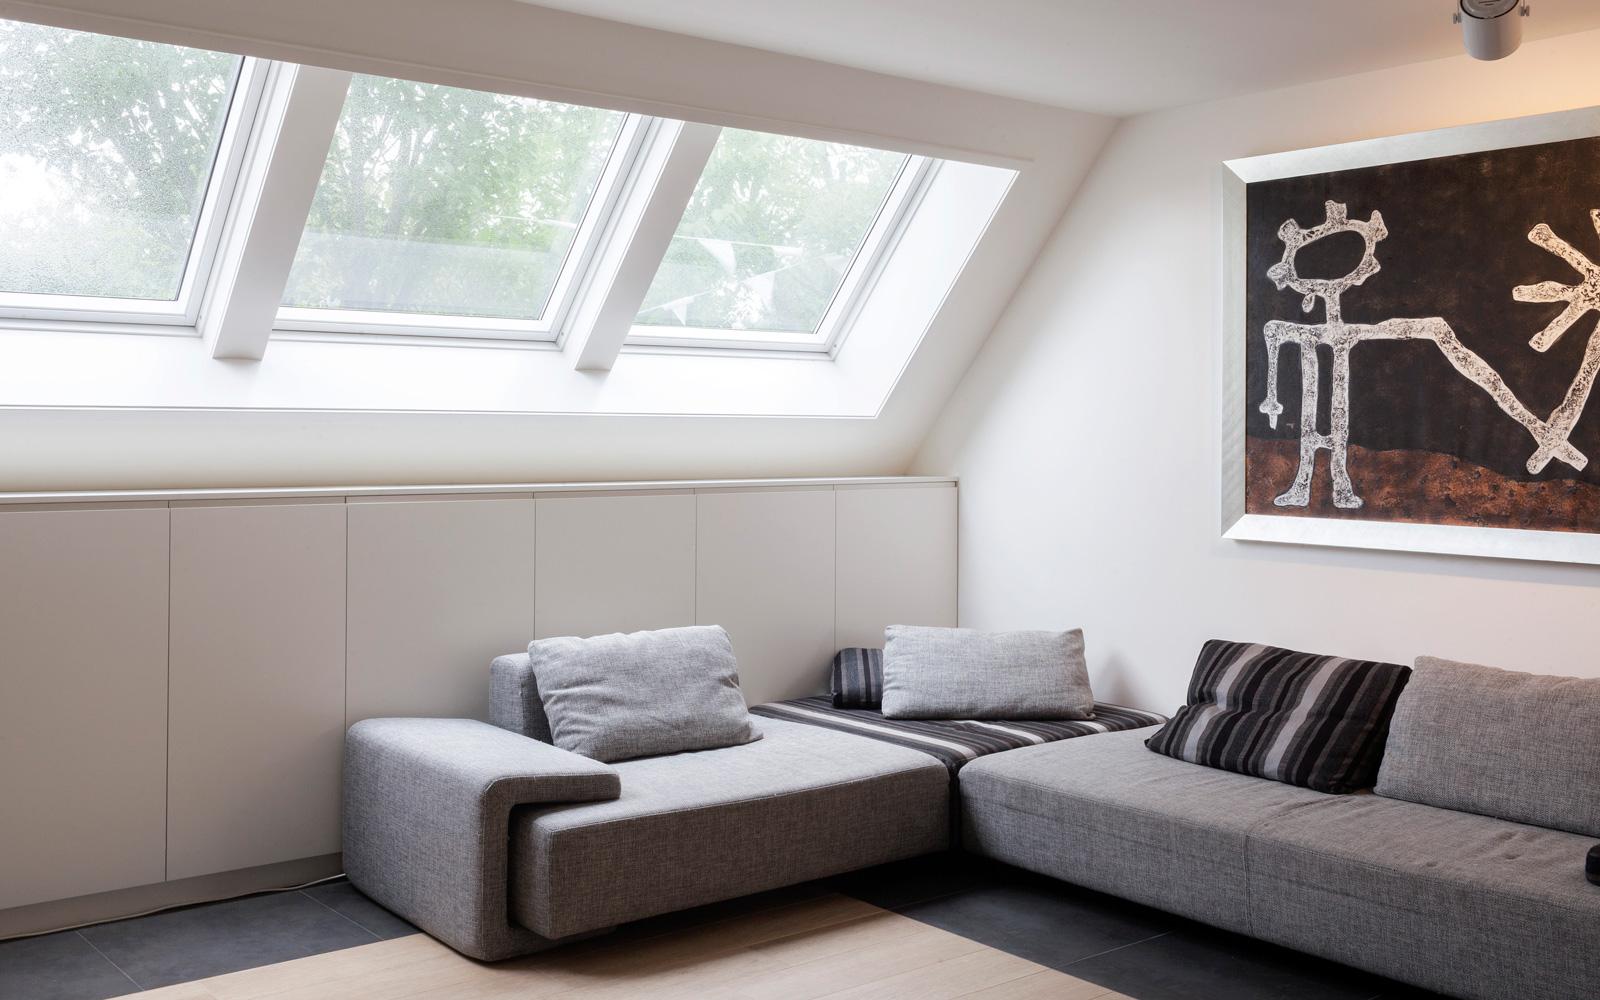 The art of living, Exclusief wonen, Velux, Exclusieve meubelen, Schilderij, Tegelvloer